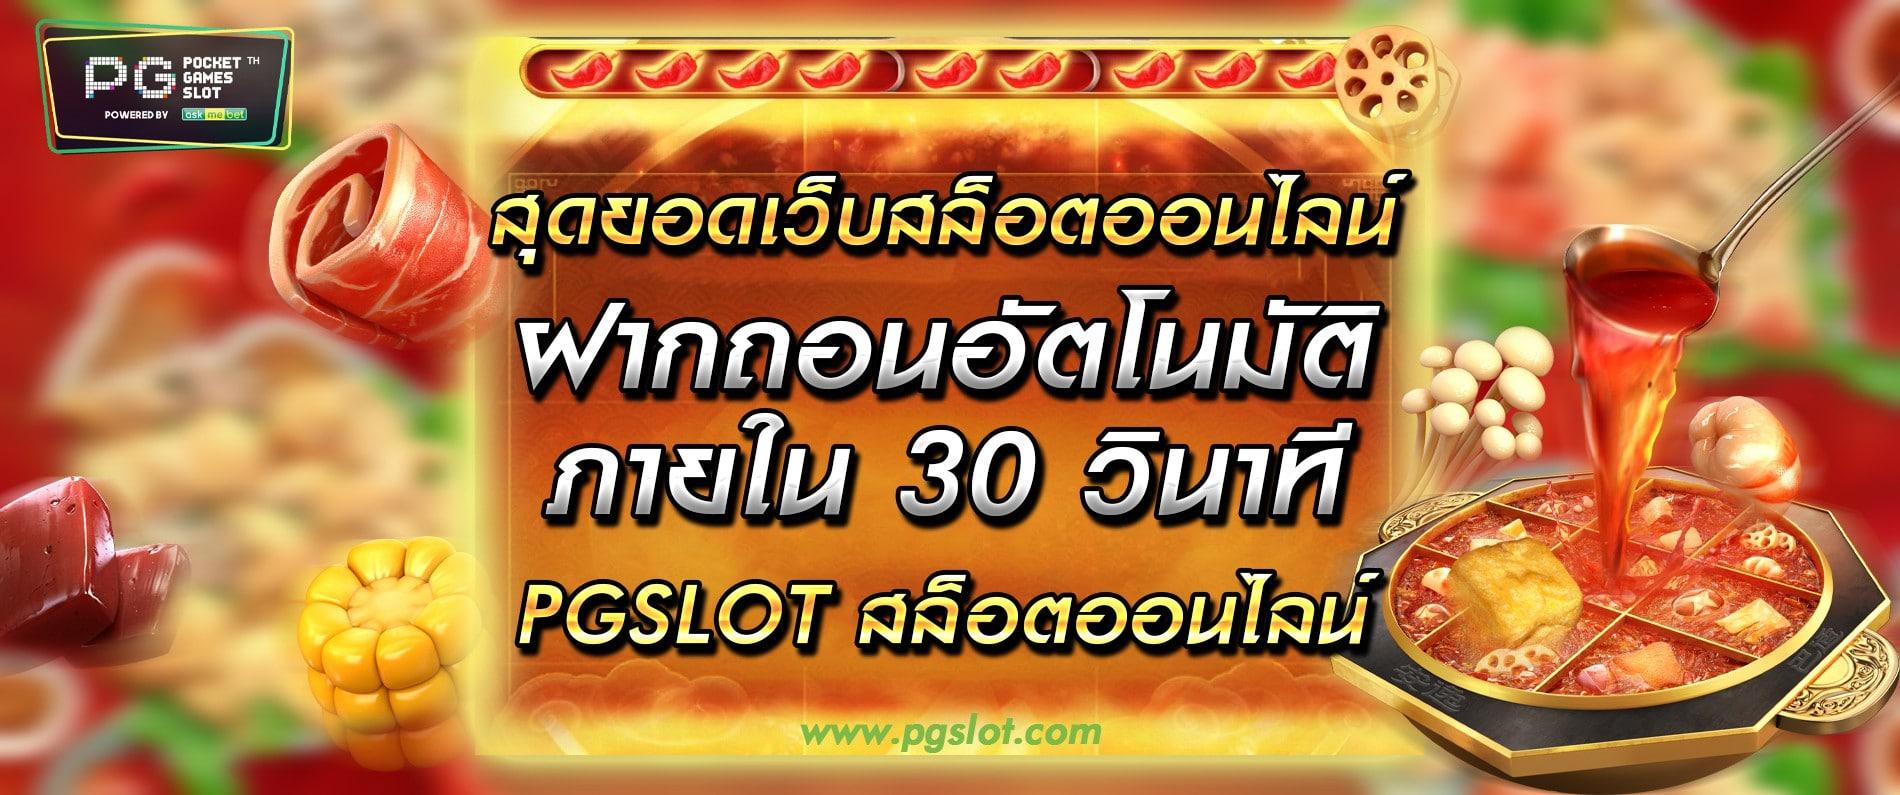 pg-slot (6)